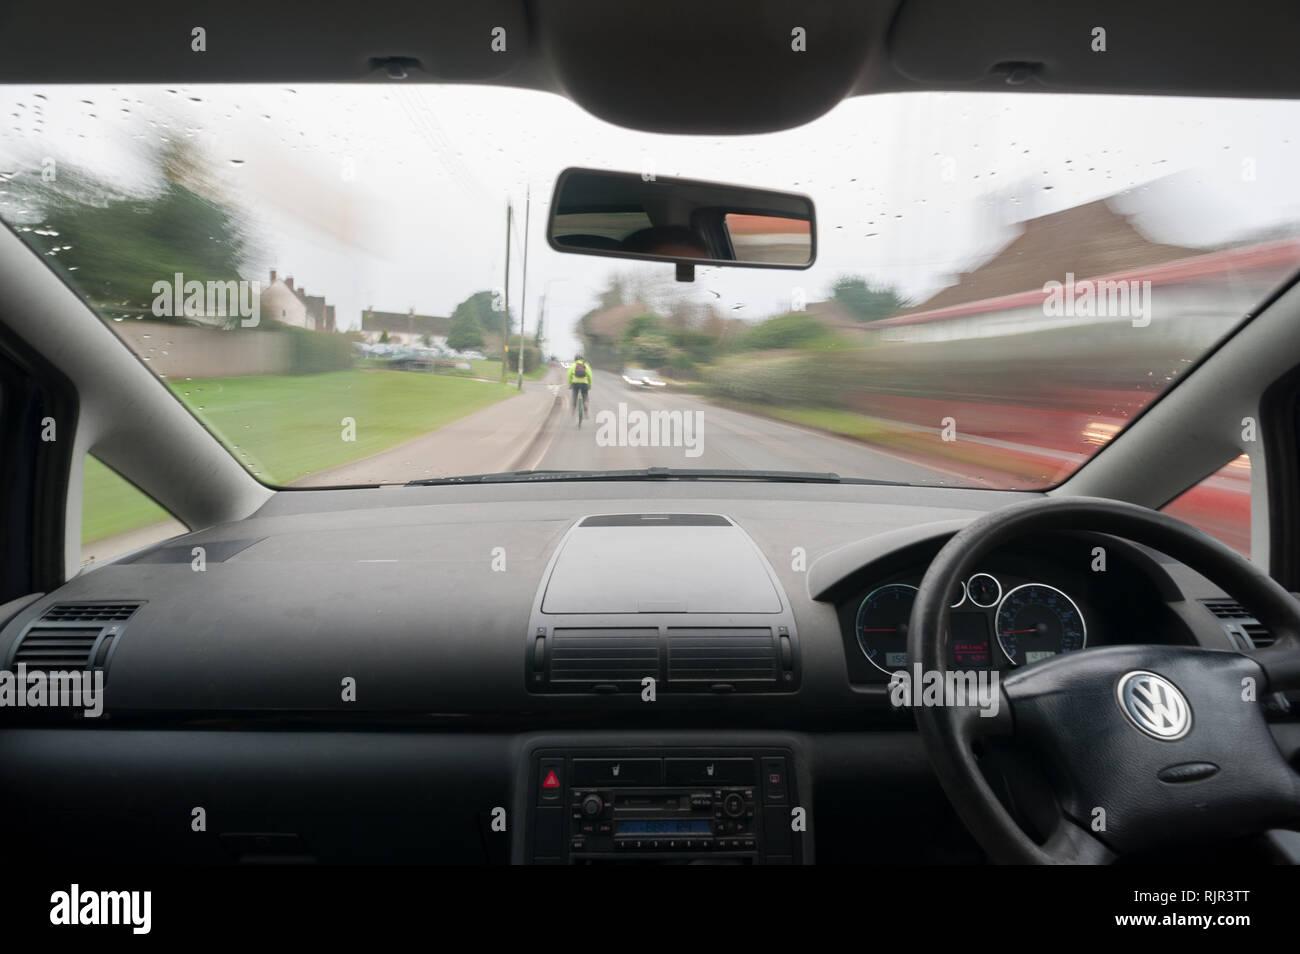 Rennradfahrer tragen hohe Sichtbarkeit Jacke zeichnet sich bei Besetzt country lane, die Kraftfahrer ausreichend Zeit zu reagieren. Stockfoto